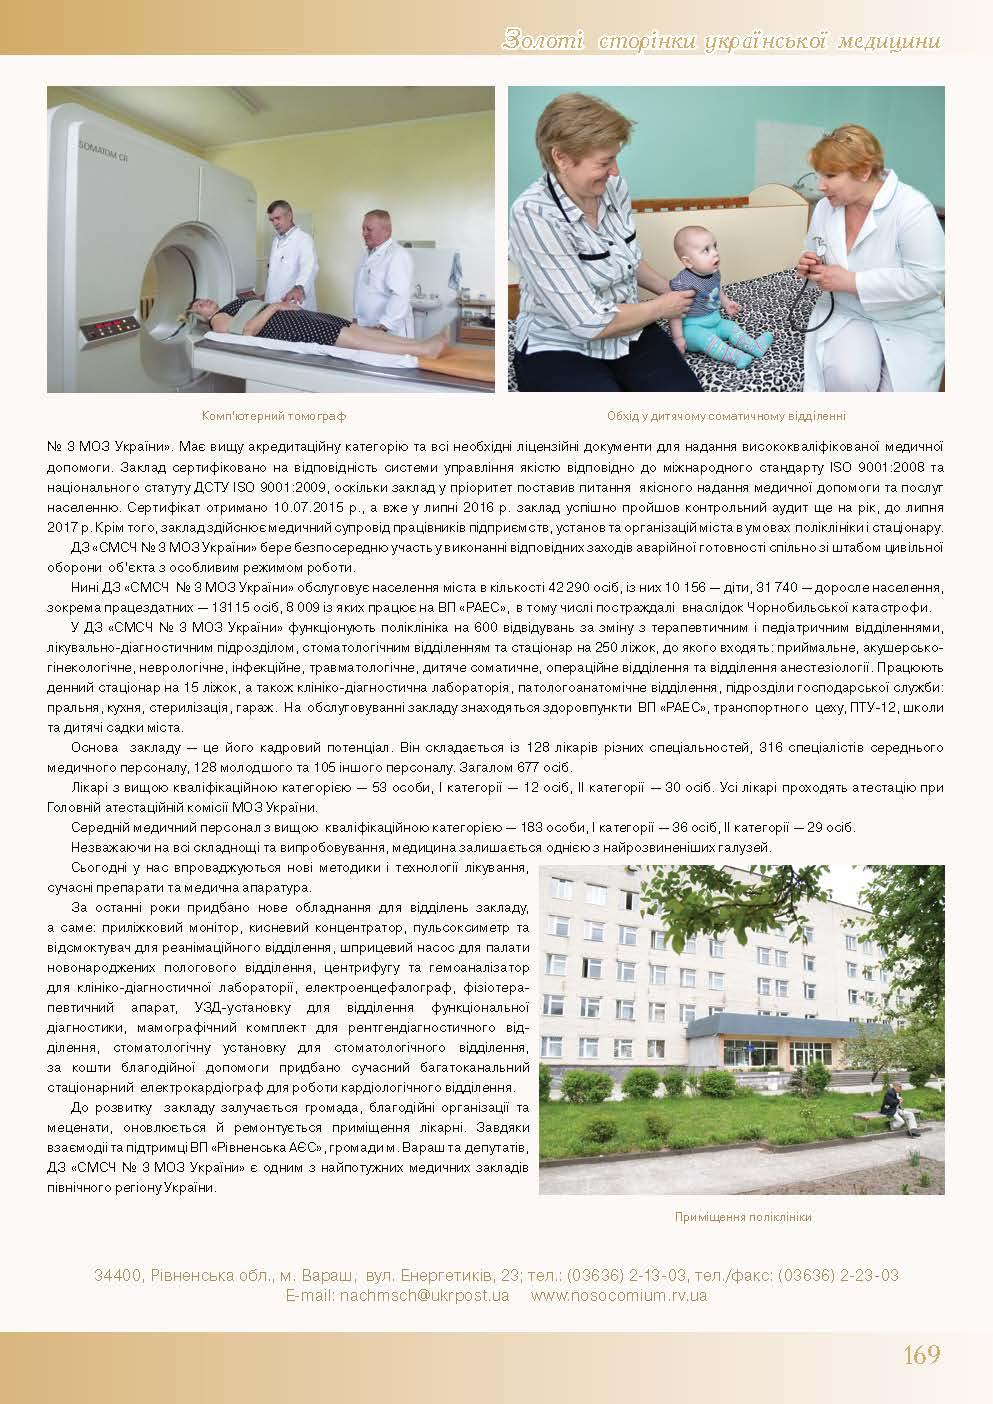 Державний заклад «Спеціалізована медико-санітарна частина № 3 Міністерства охорони здоров'я України»